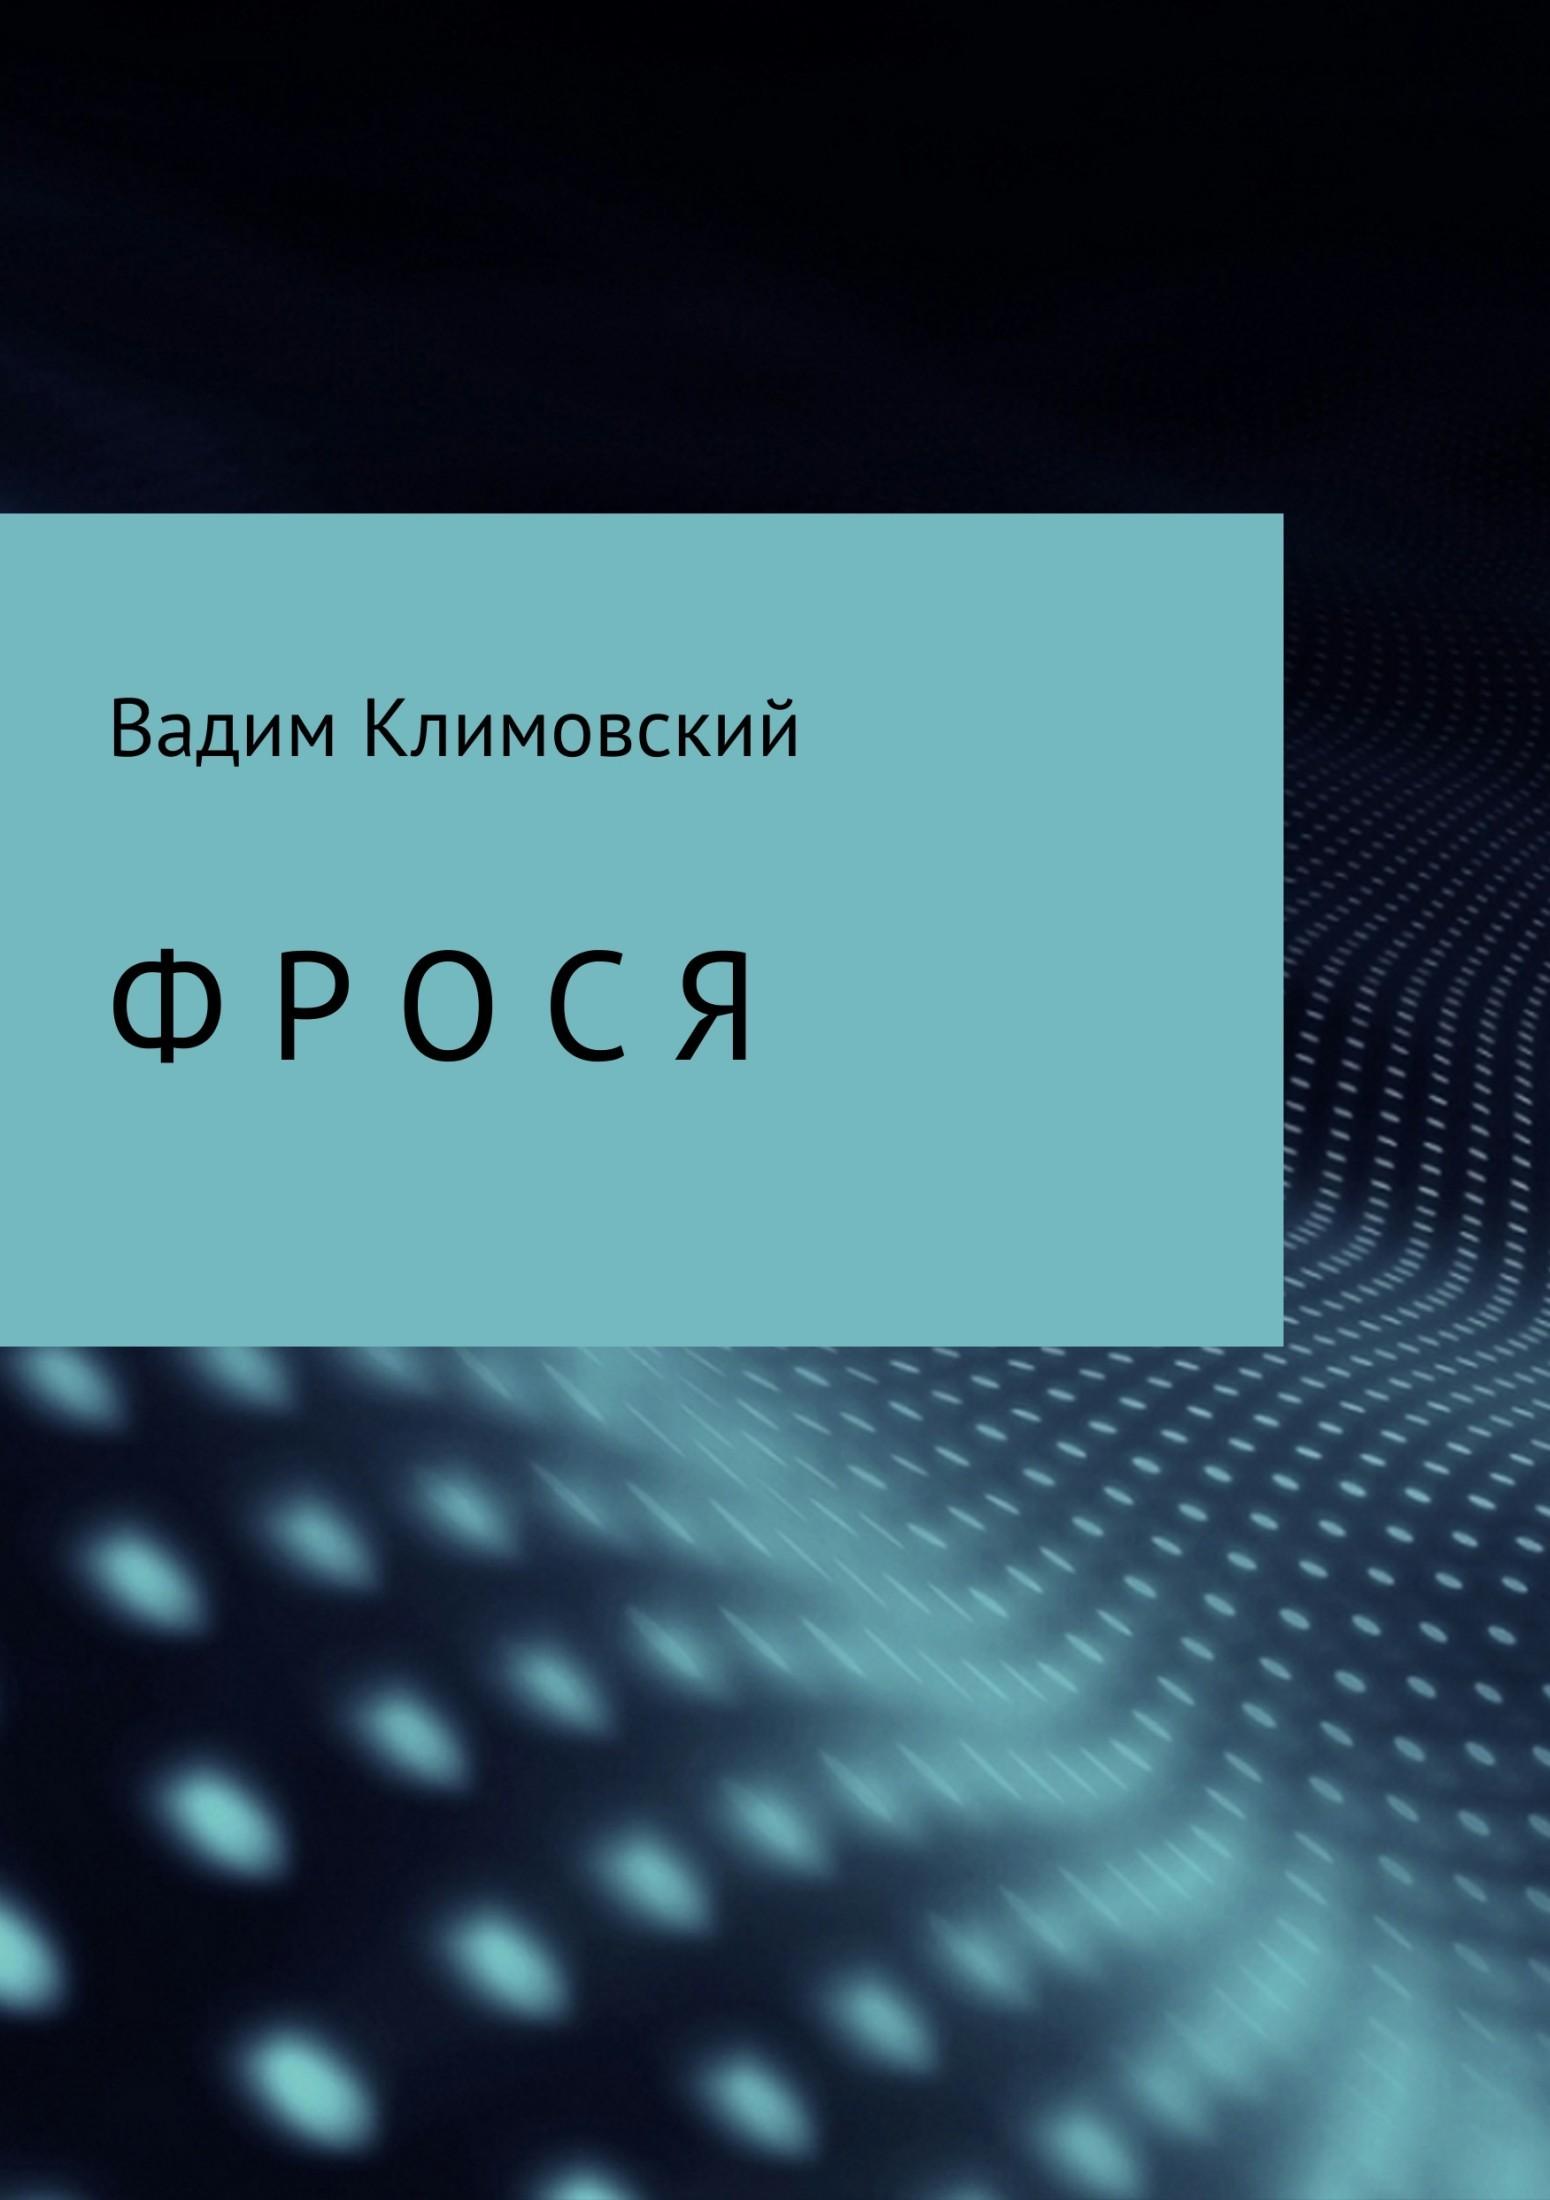 Обложка книги Фрося, автор Вадим Климовский